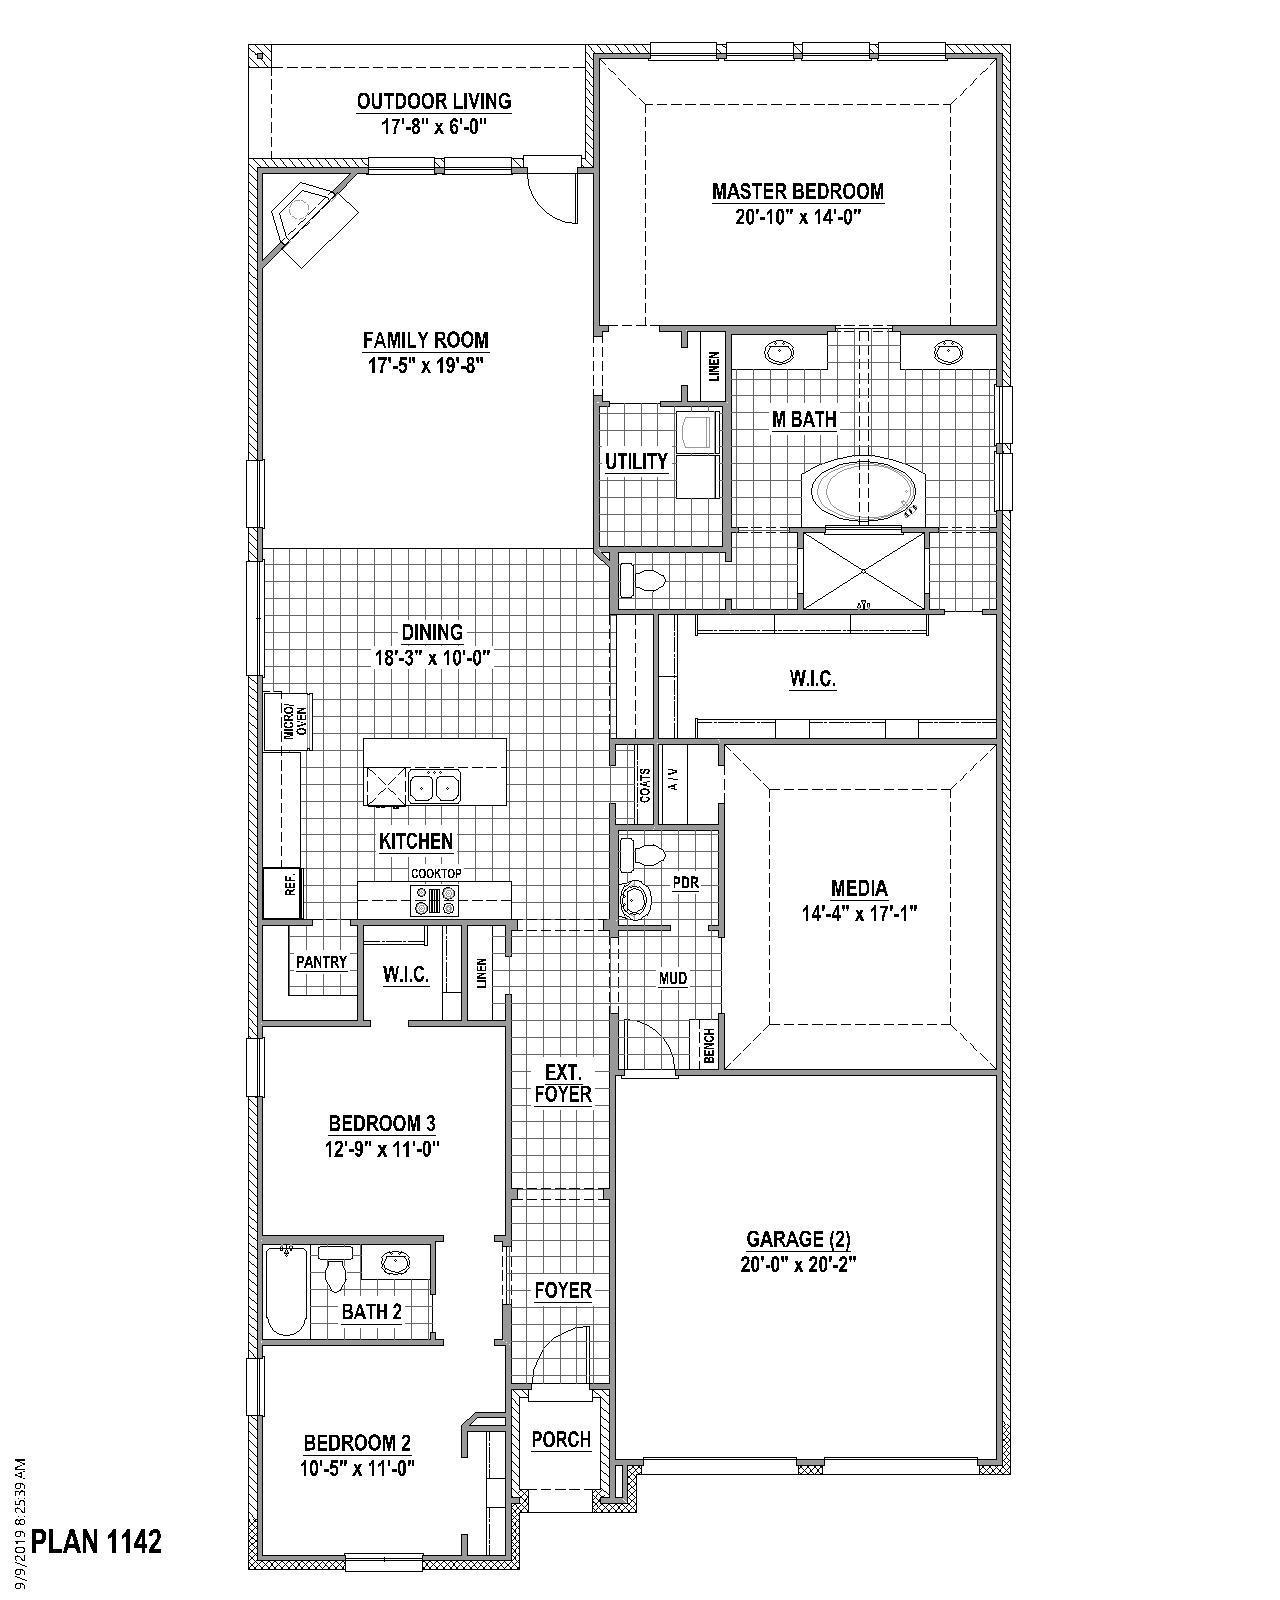 Plan 1142 1